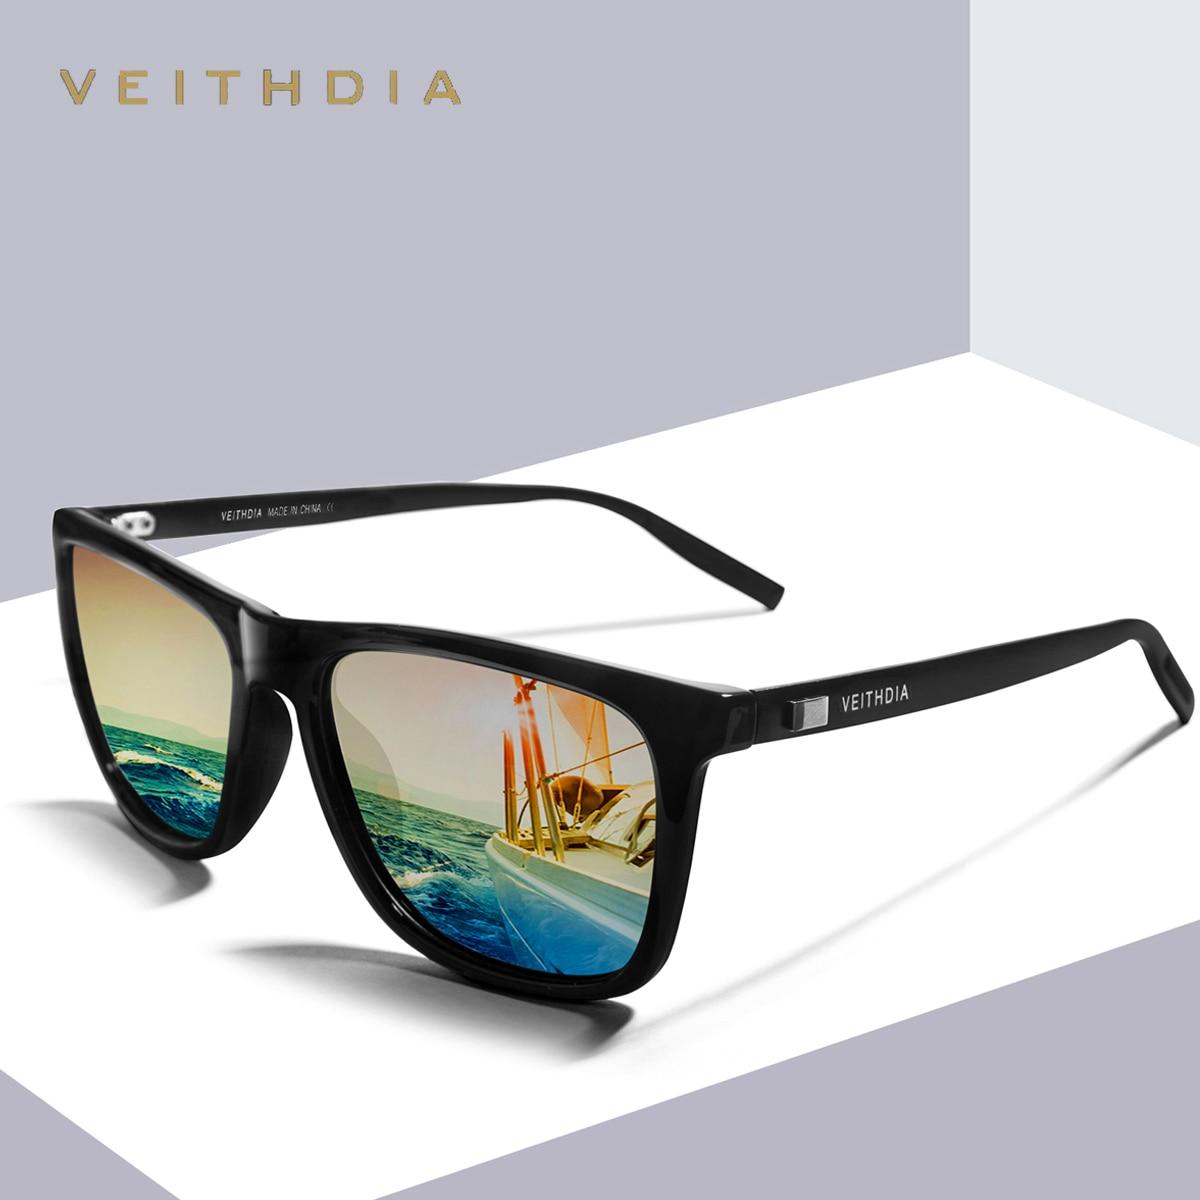 Veithdia marka unisex retro alüminyum + tr90 güneş gözlüğü polarize lens vintage gözlük aksesuarları güneş gözlükleri erkekler için / kadınlar 6108